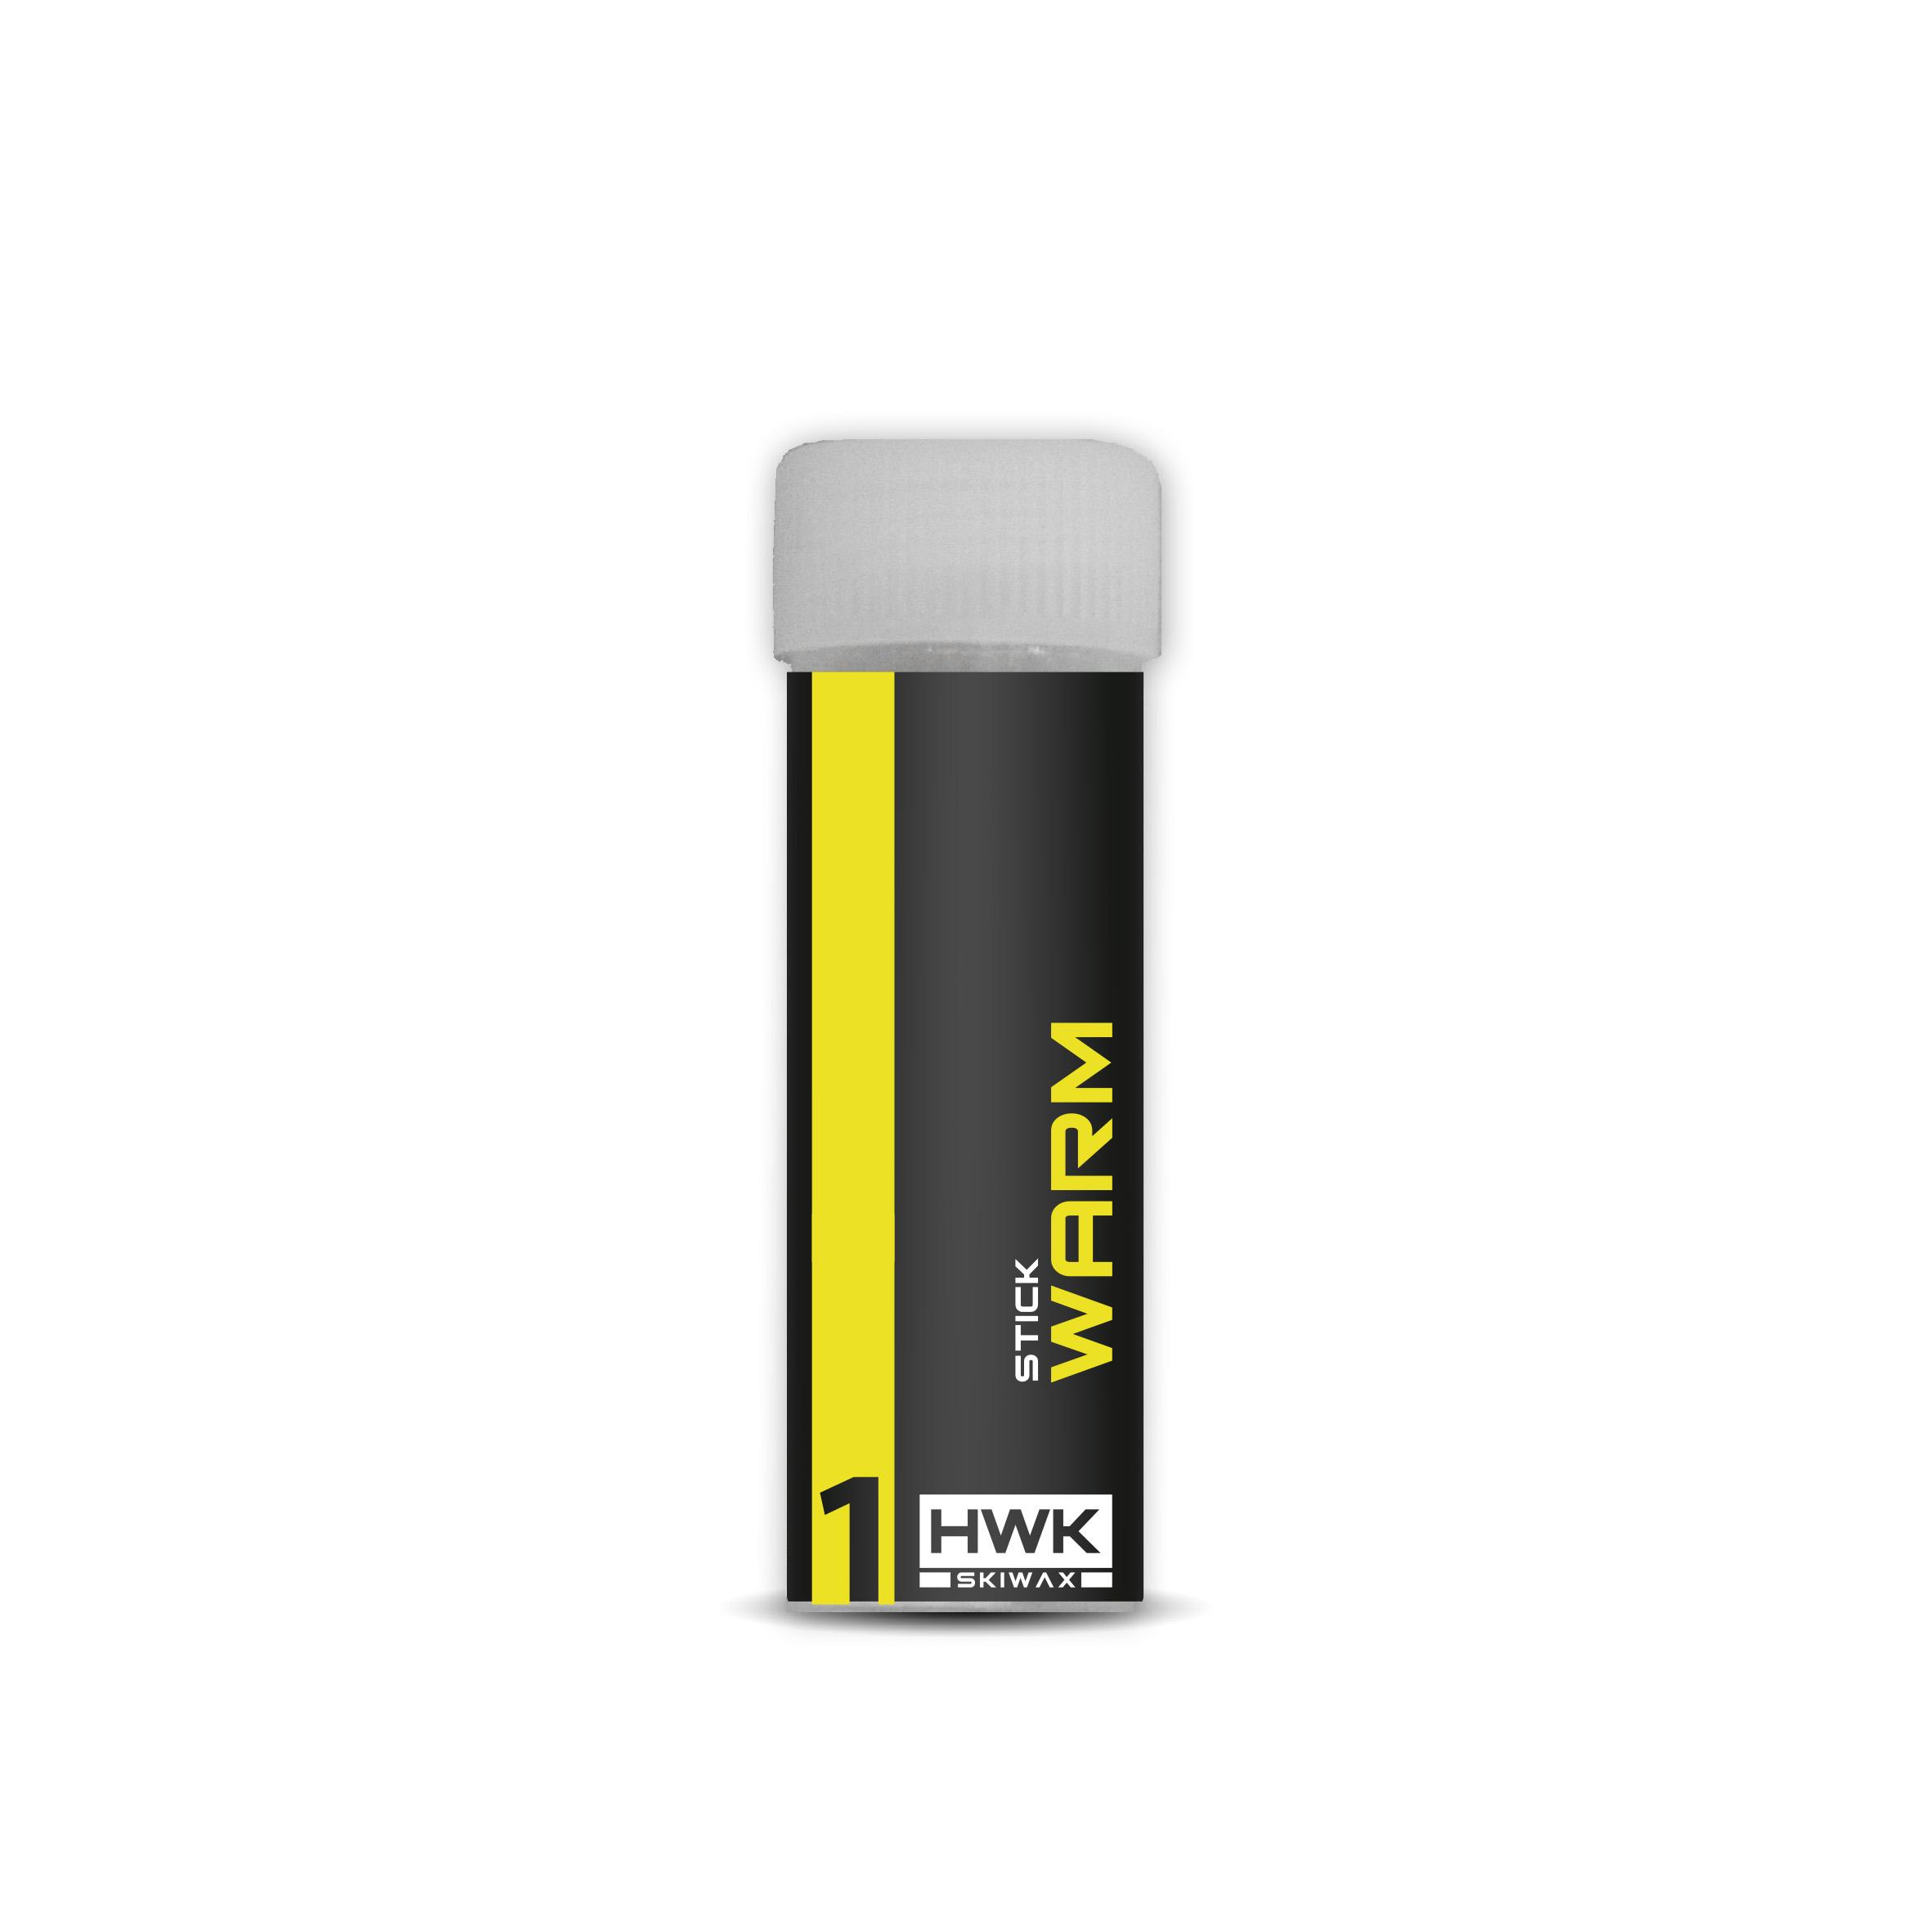 HWK Highspeed Stick WARM 2020